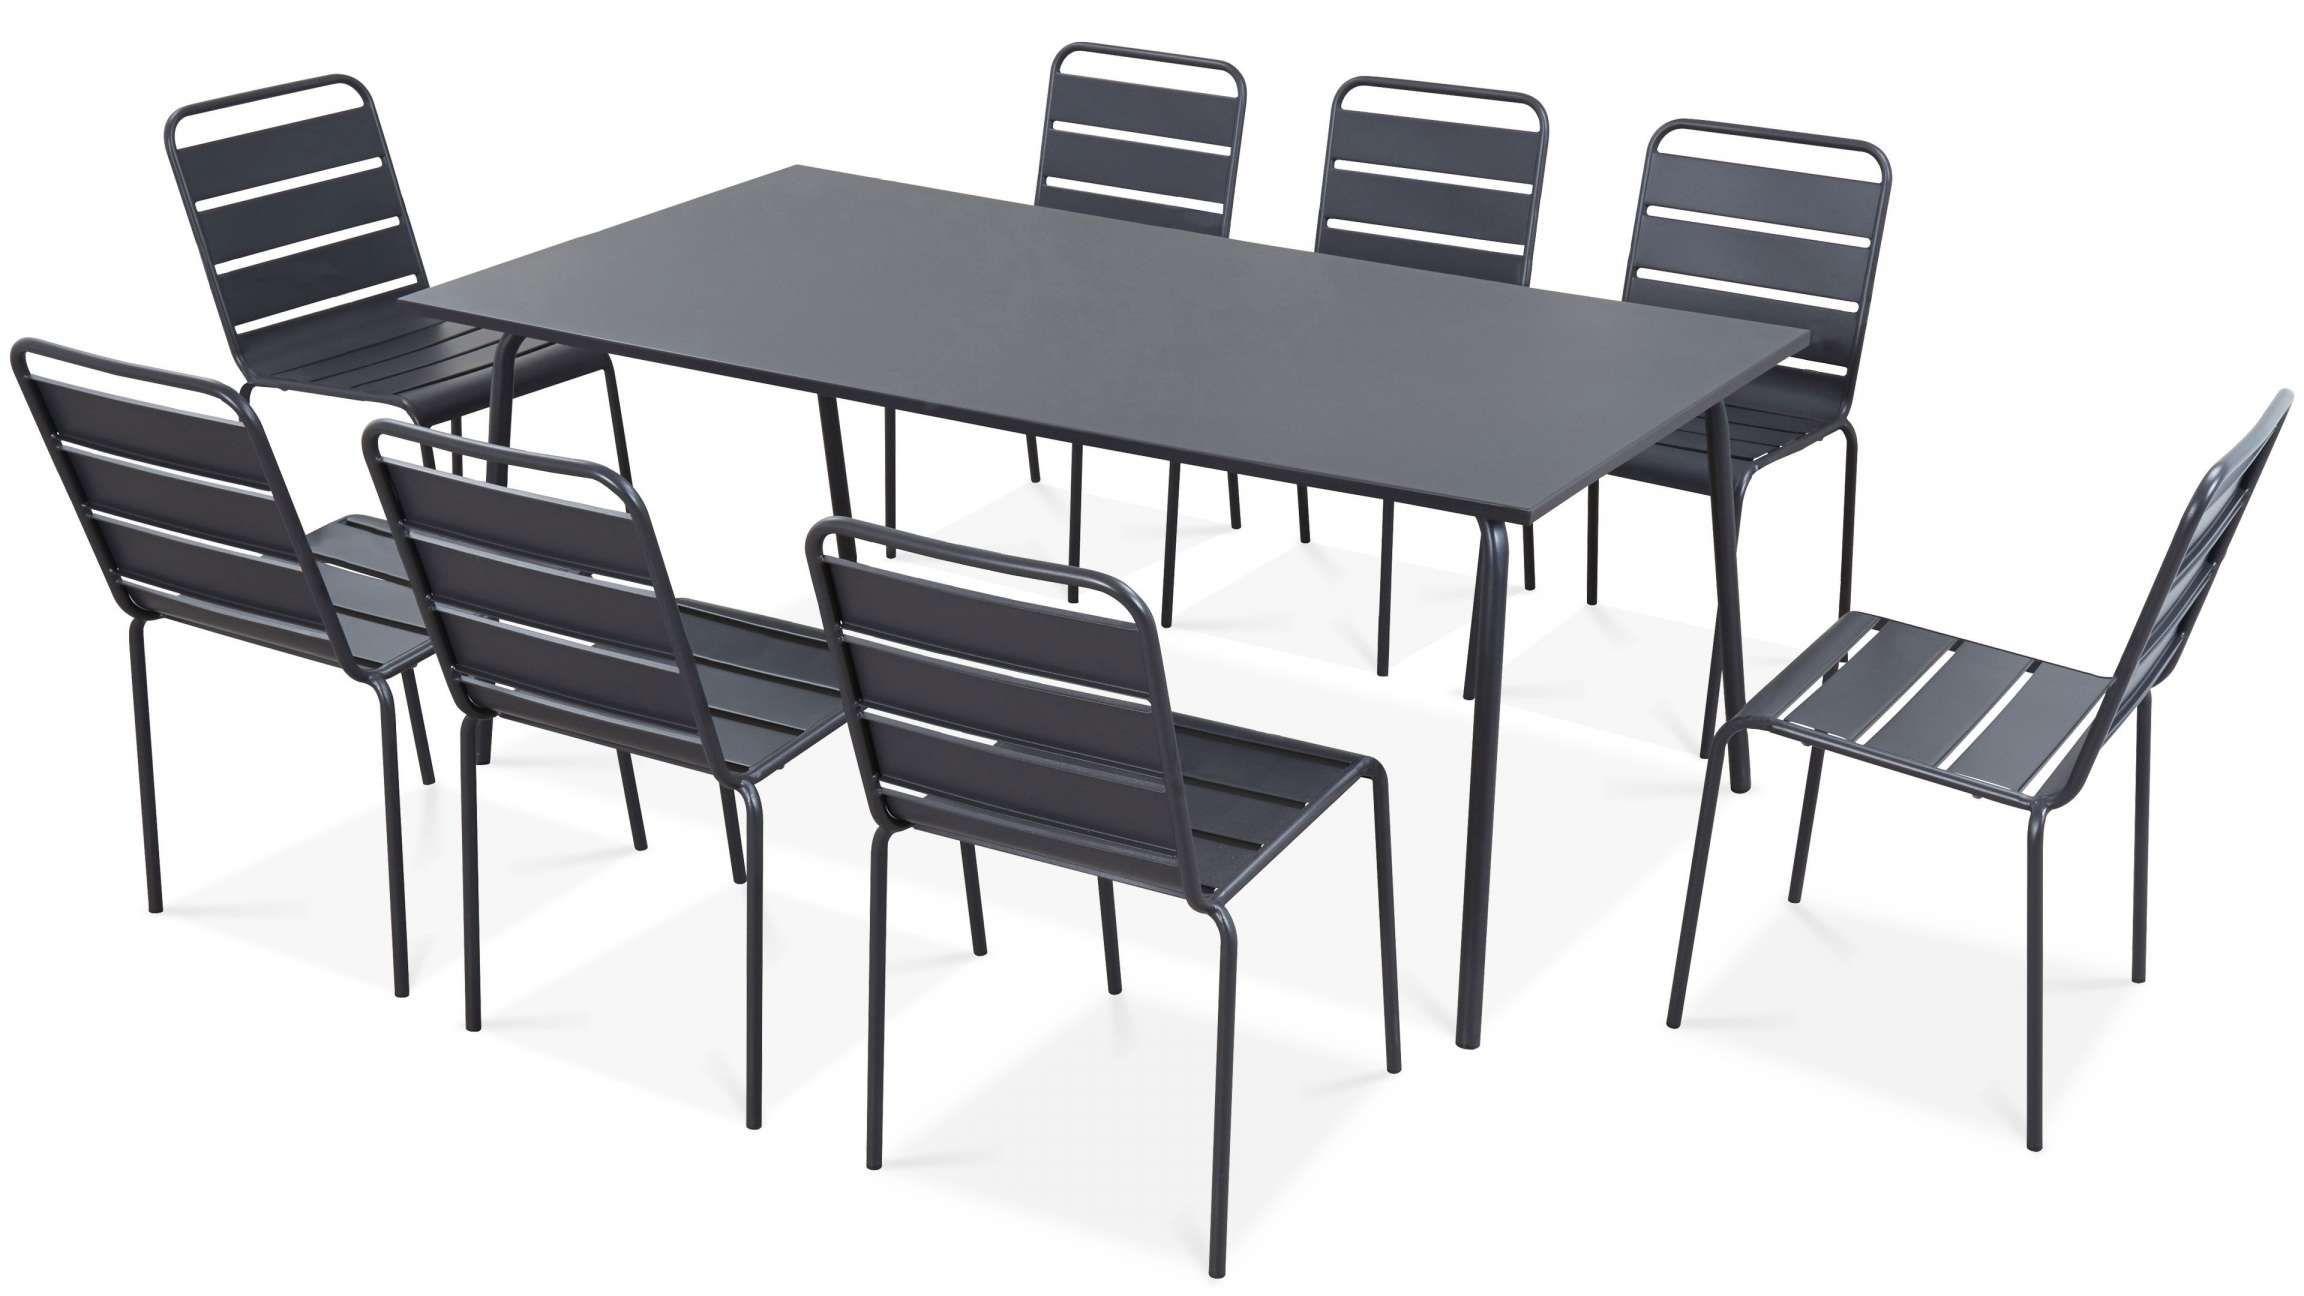 16 Tables Et Chaises De Jardin En Metal Table Et Chaises Table Et Chaises De Jardin Chaise De Jardin